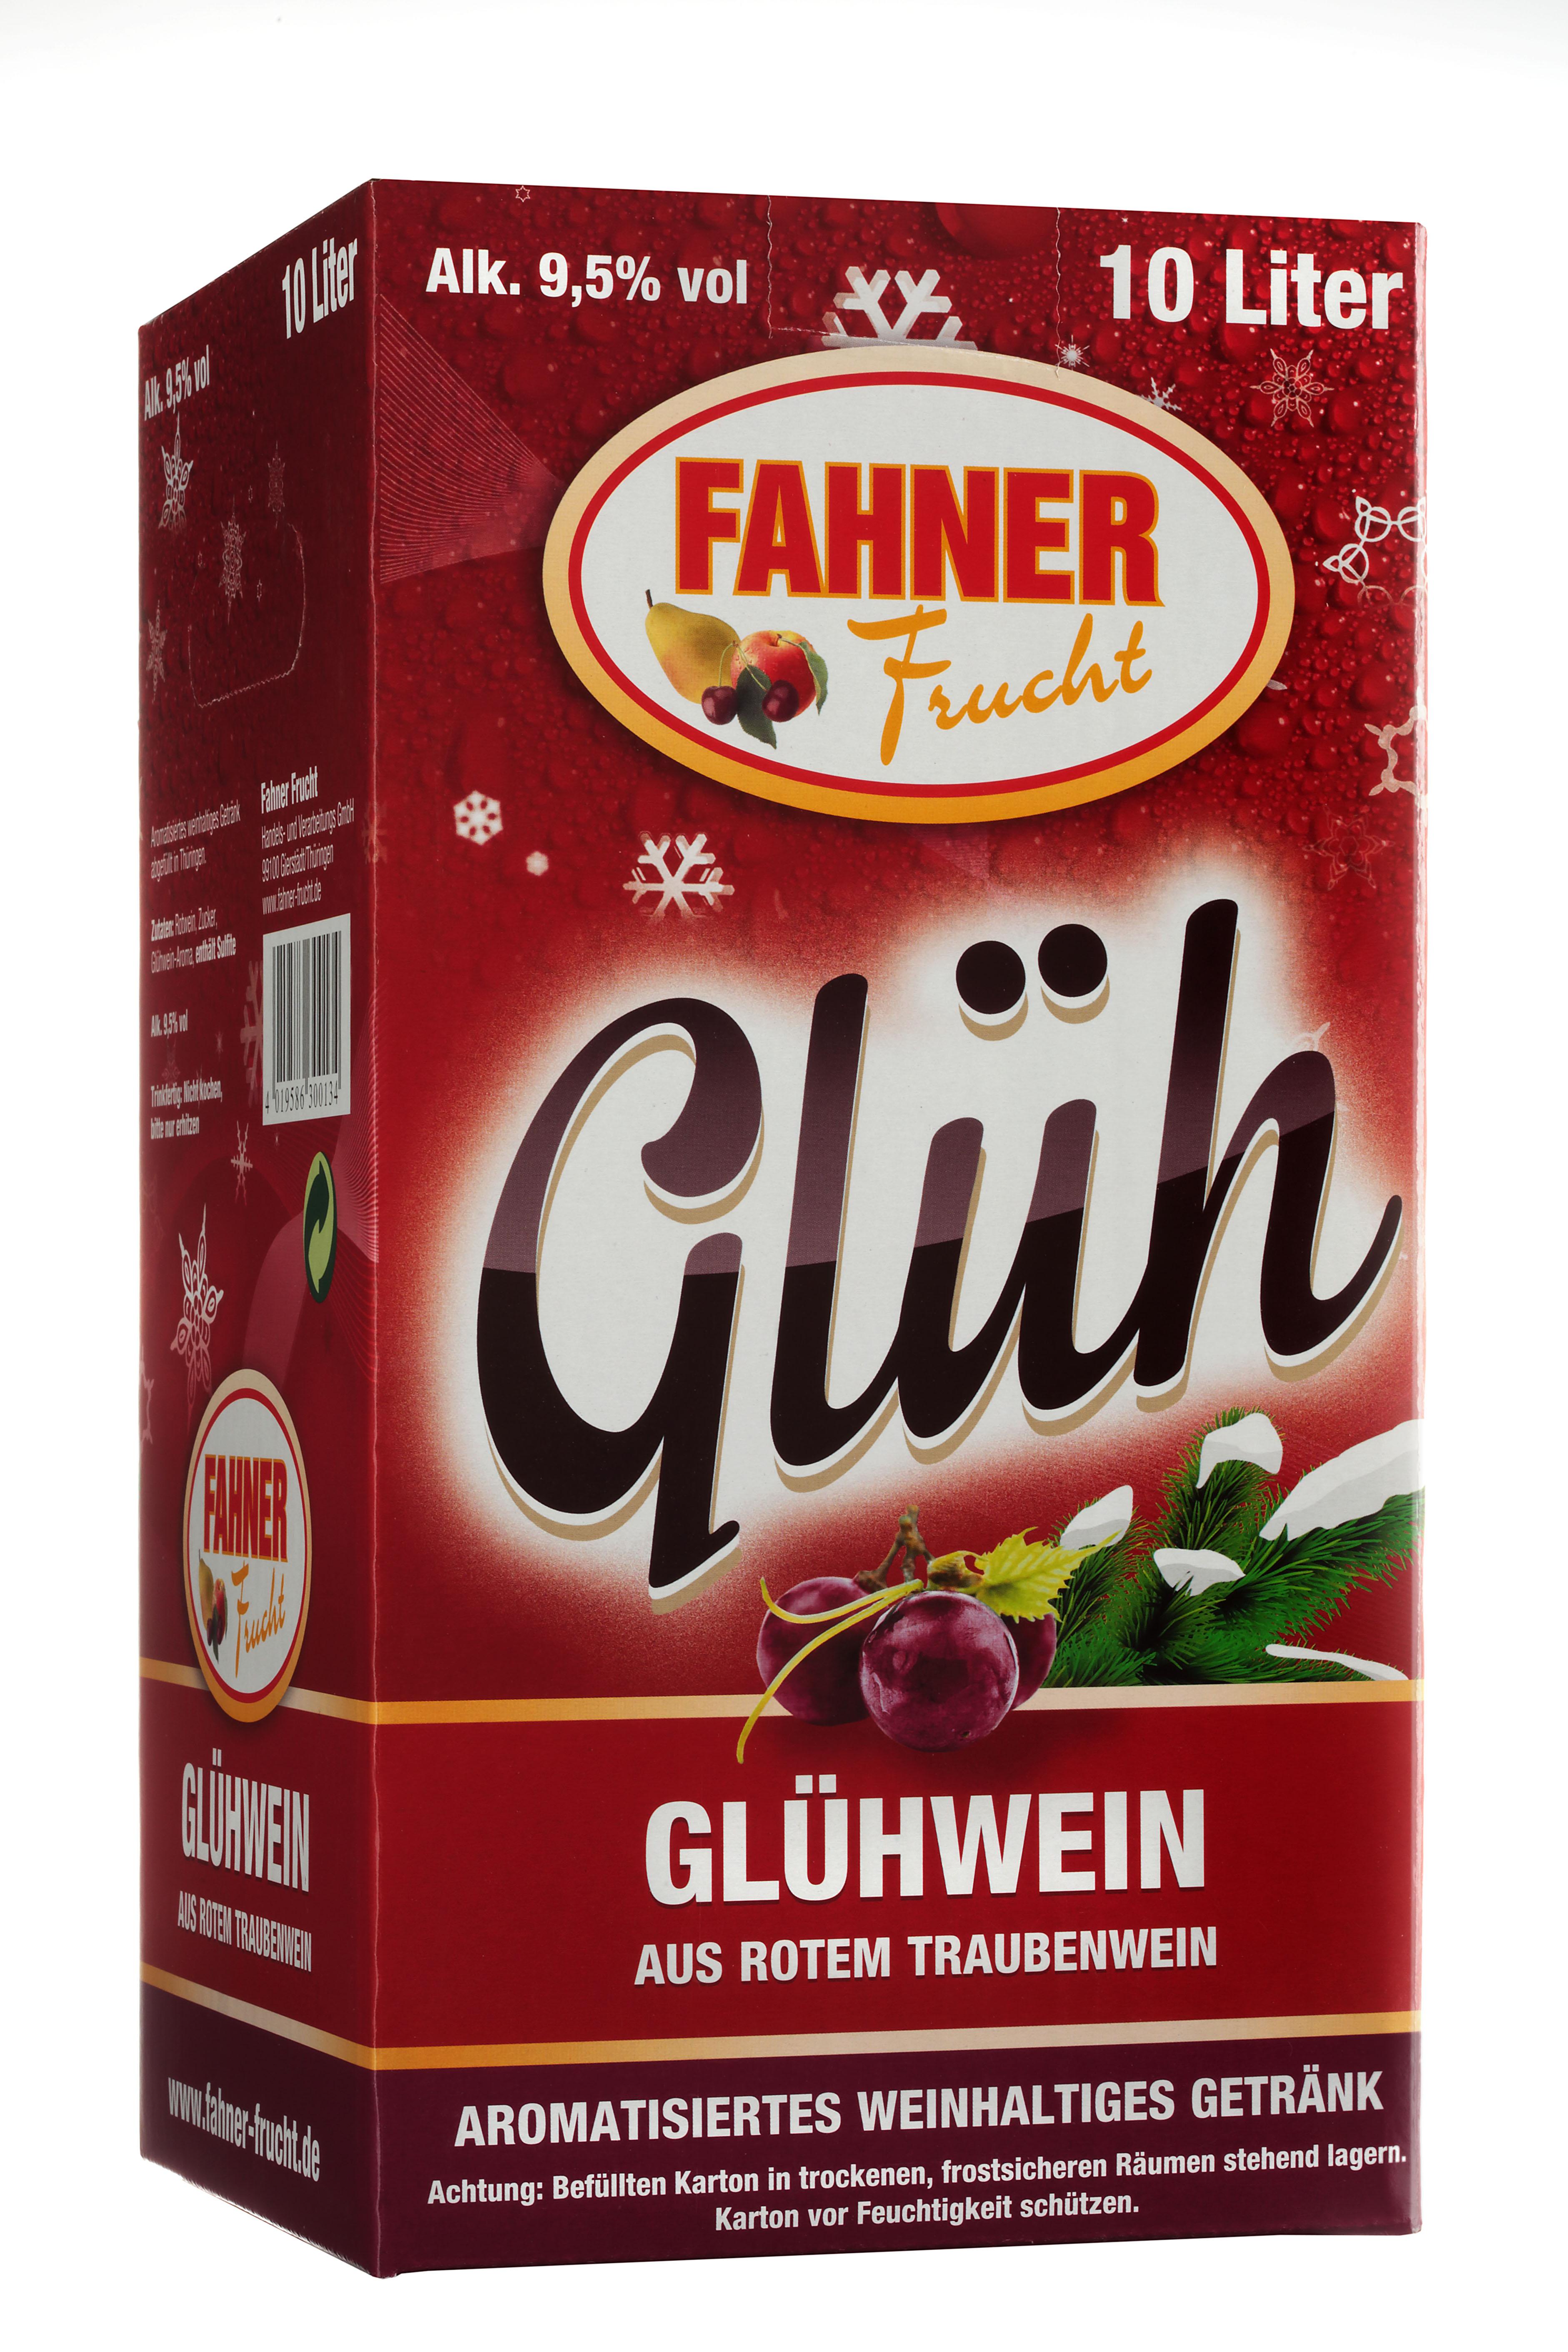 10 Liter GlГјhwein